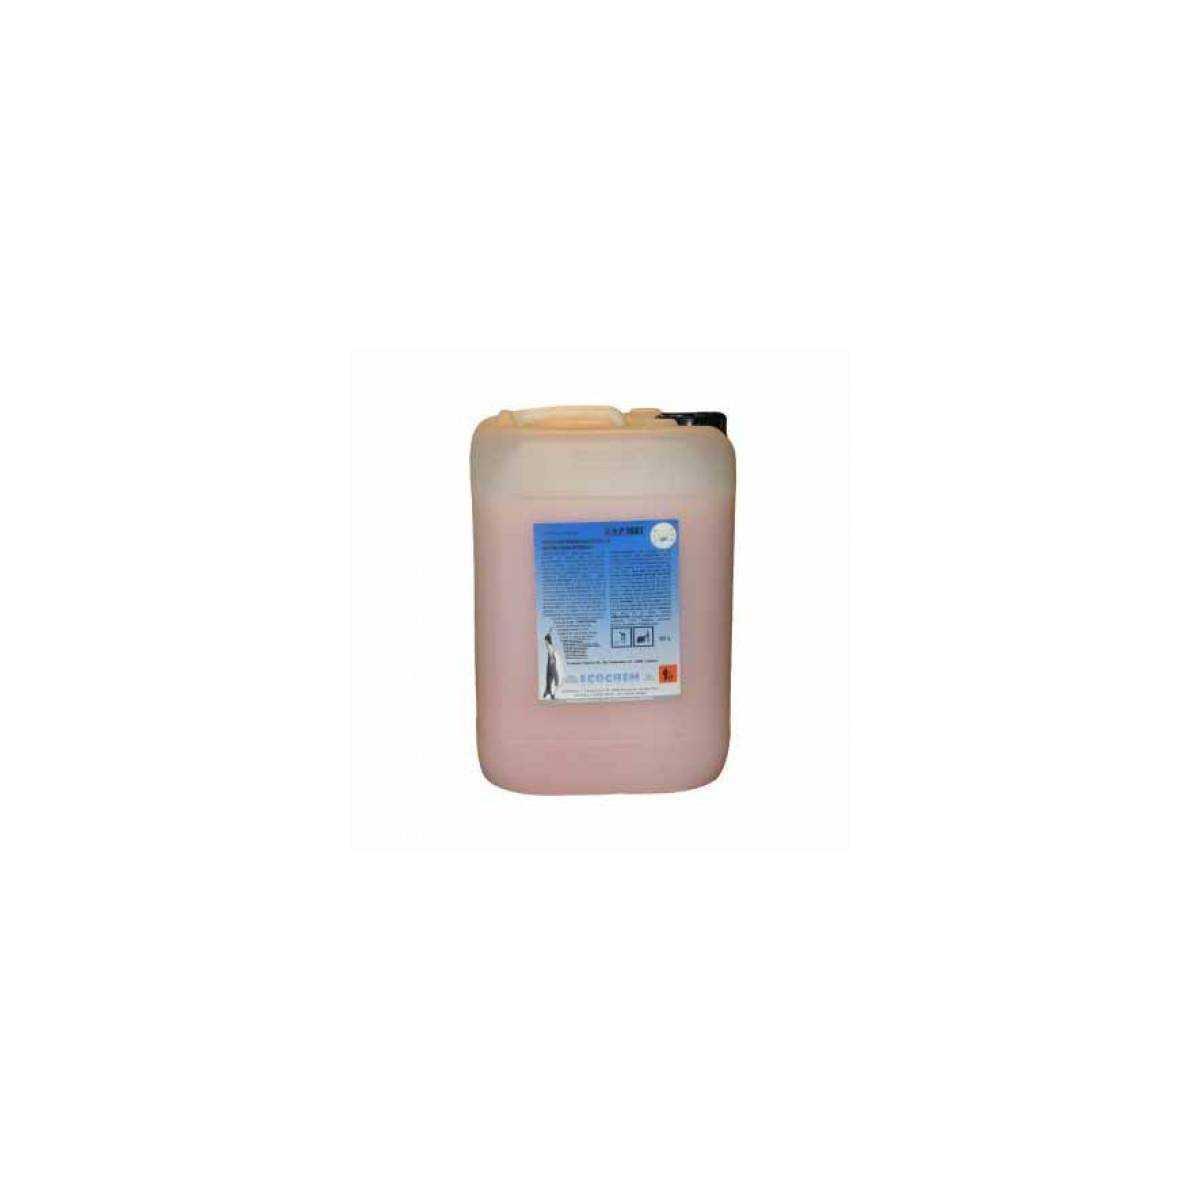 Средство нейтральное для мытья полов 10 л D.N.P.1001 ECOCHEM